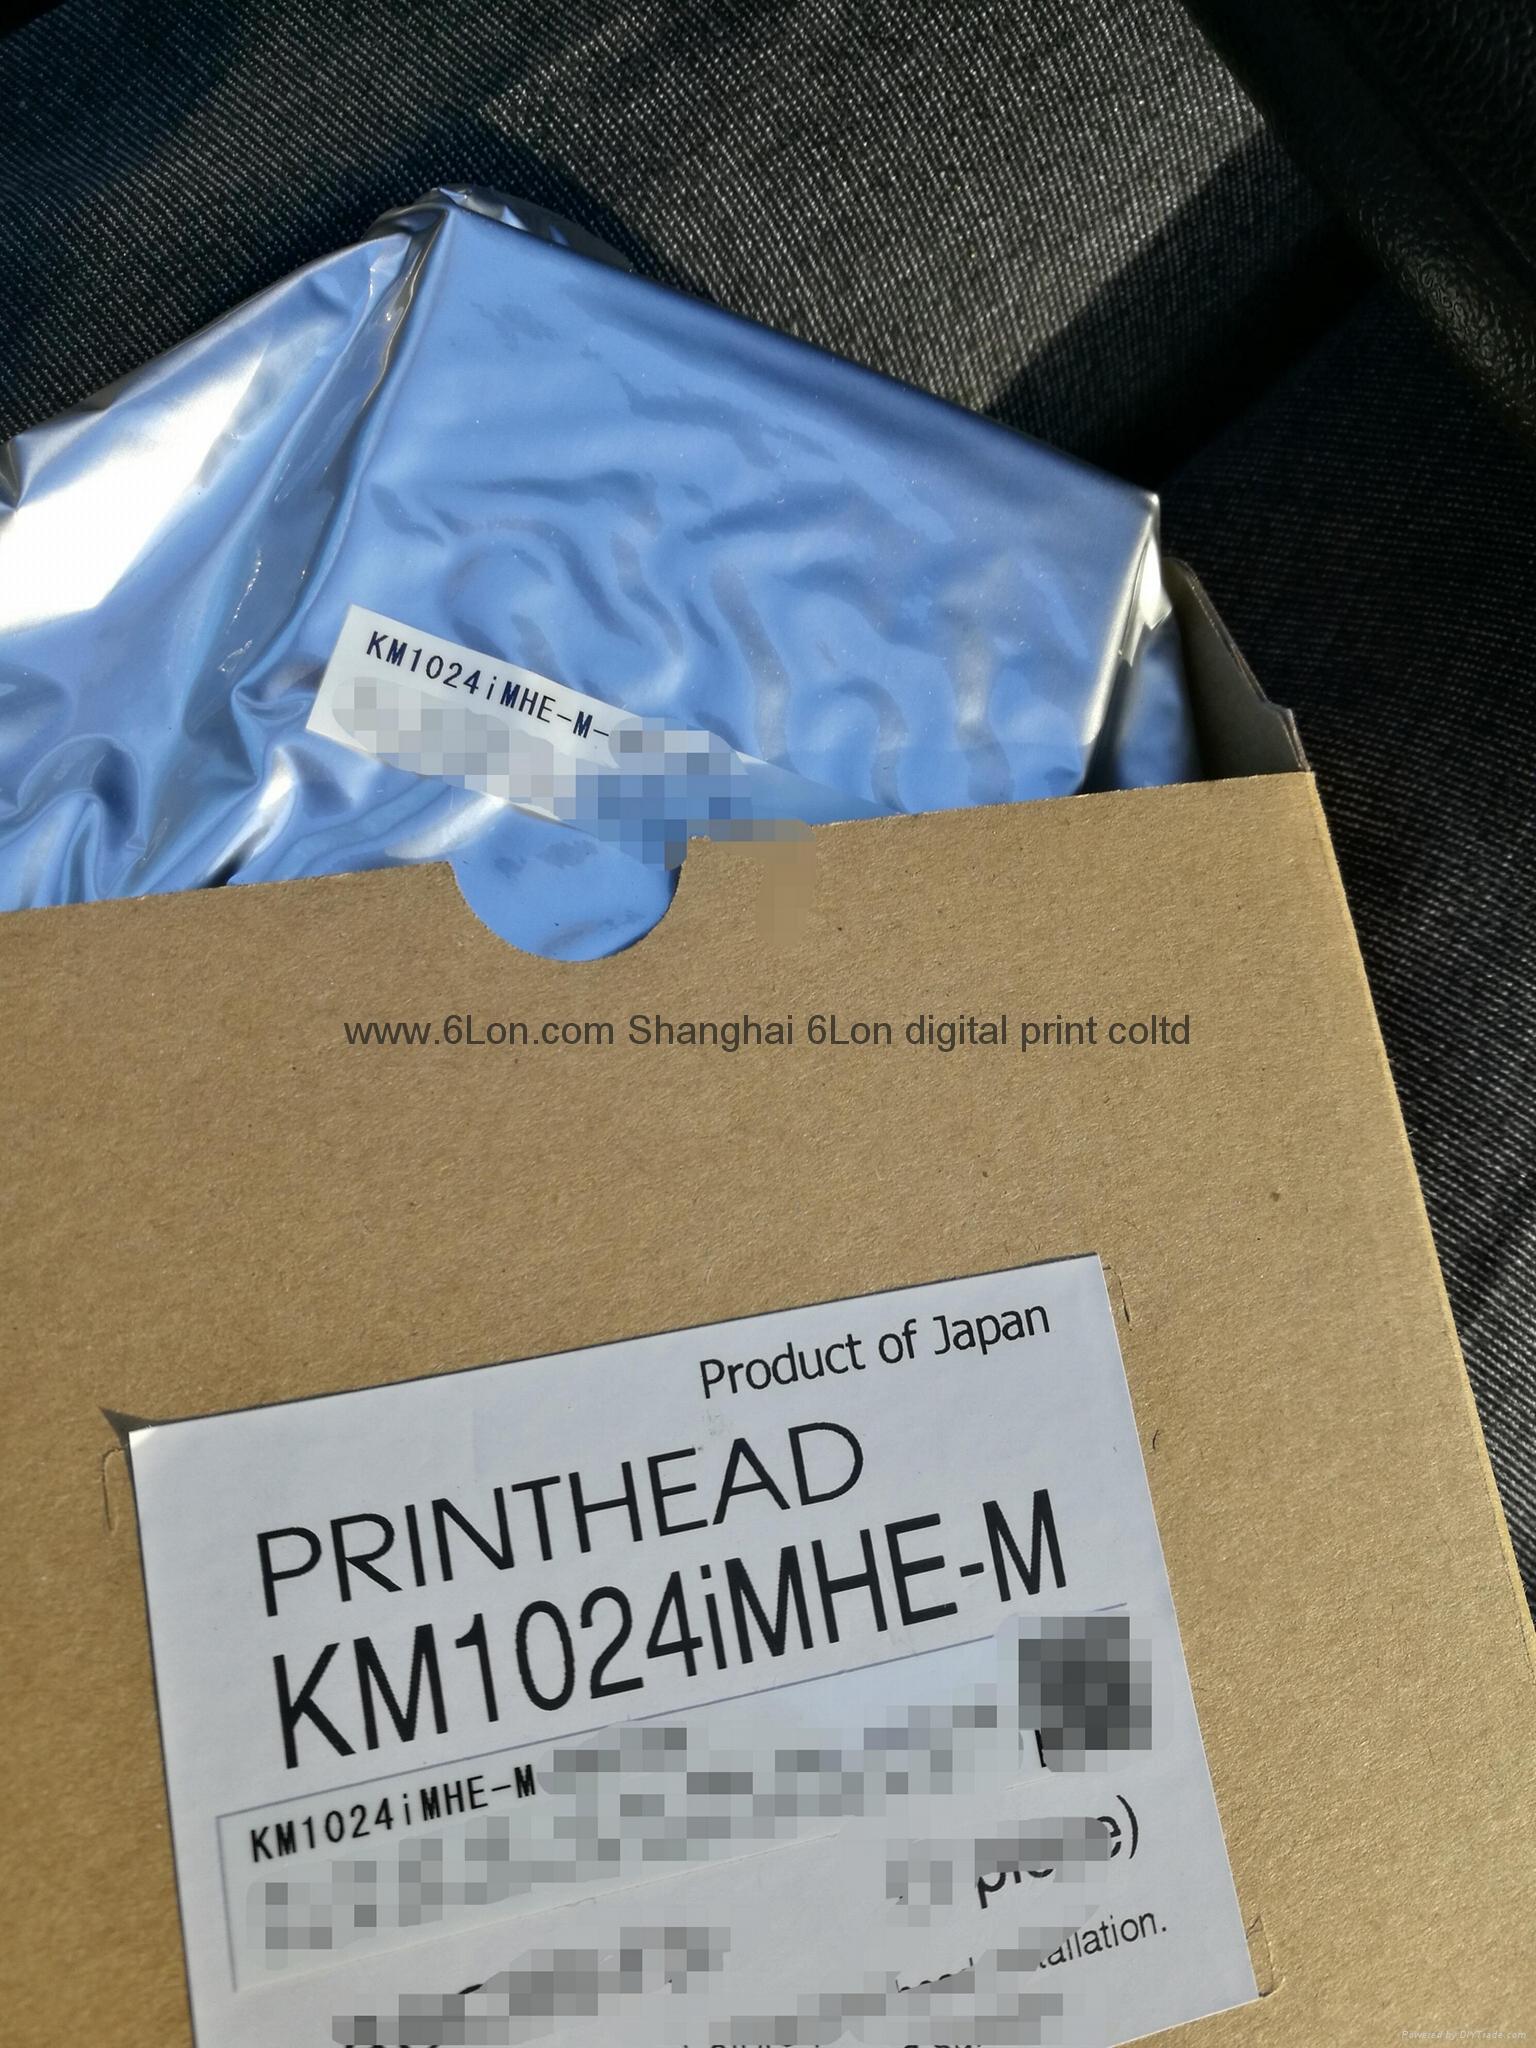 KM1024i MHE-M